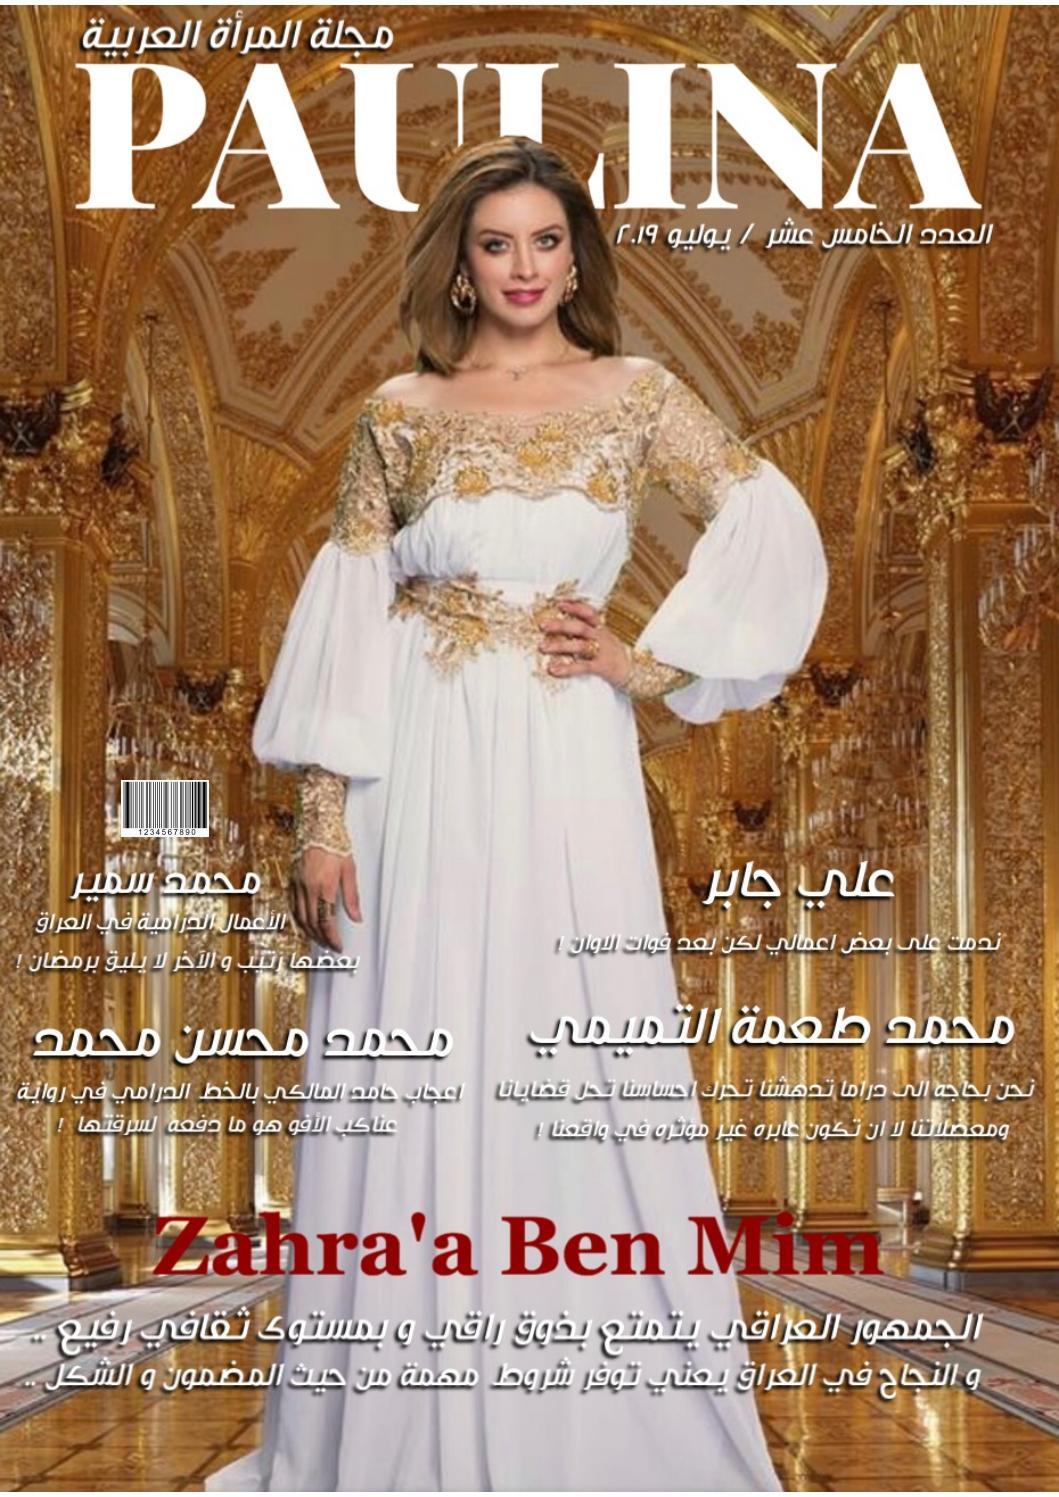 مجلة بولينا العدد الخامس عشر By Paulinamagazine Issuu